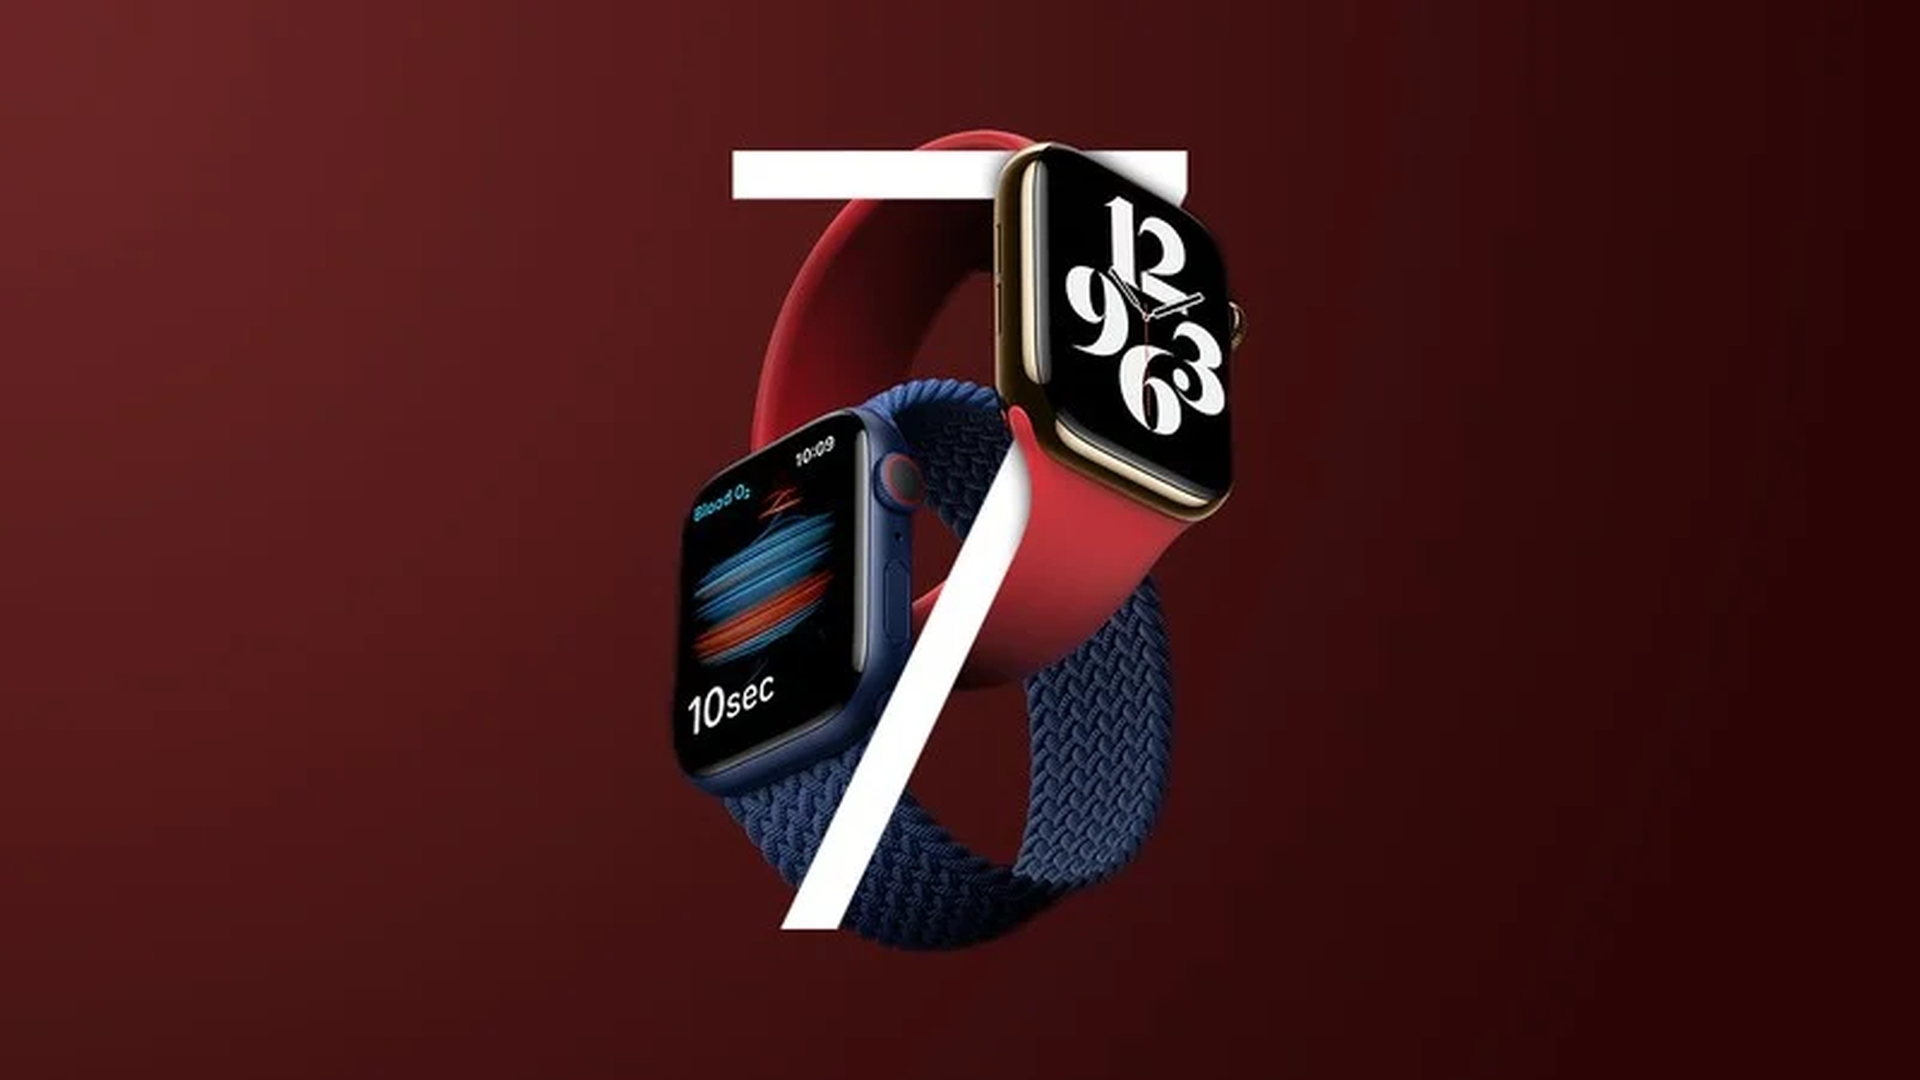 Tegoroczne zegarki Apple Watch nie będą mierzyły ciśnienia krwi